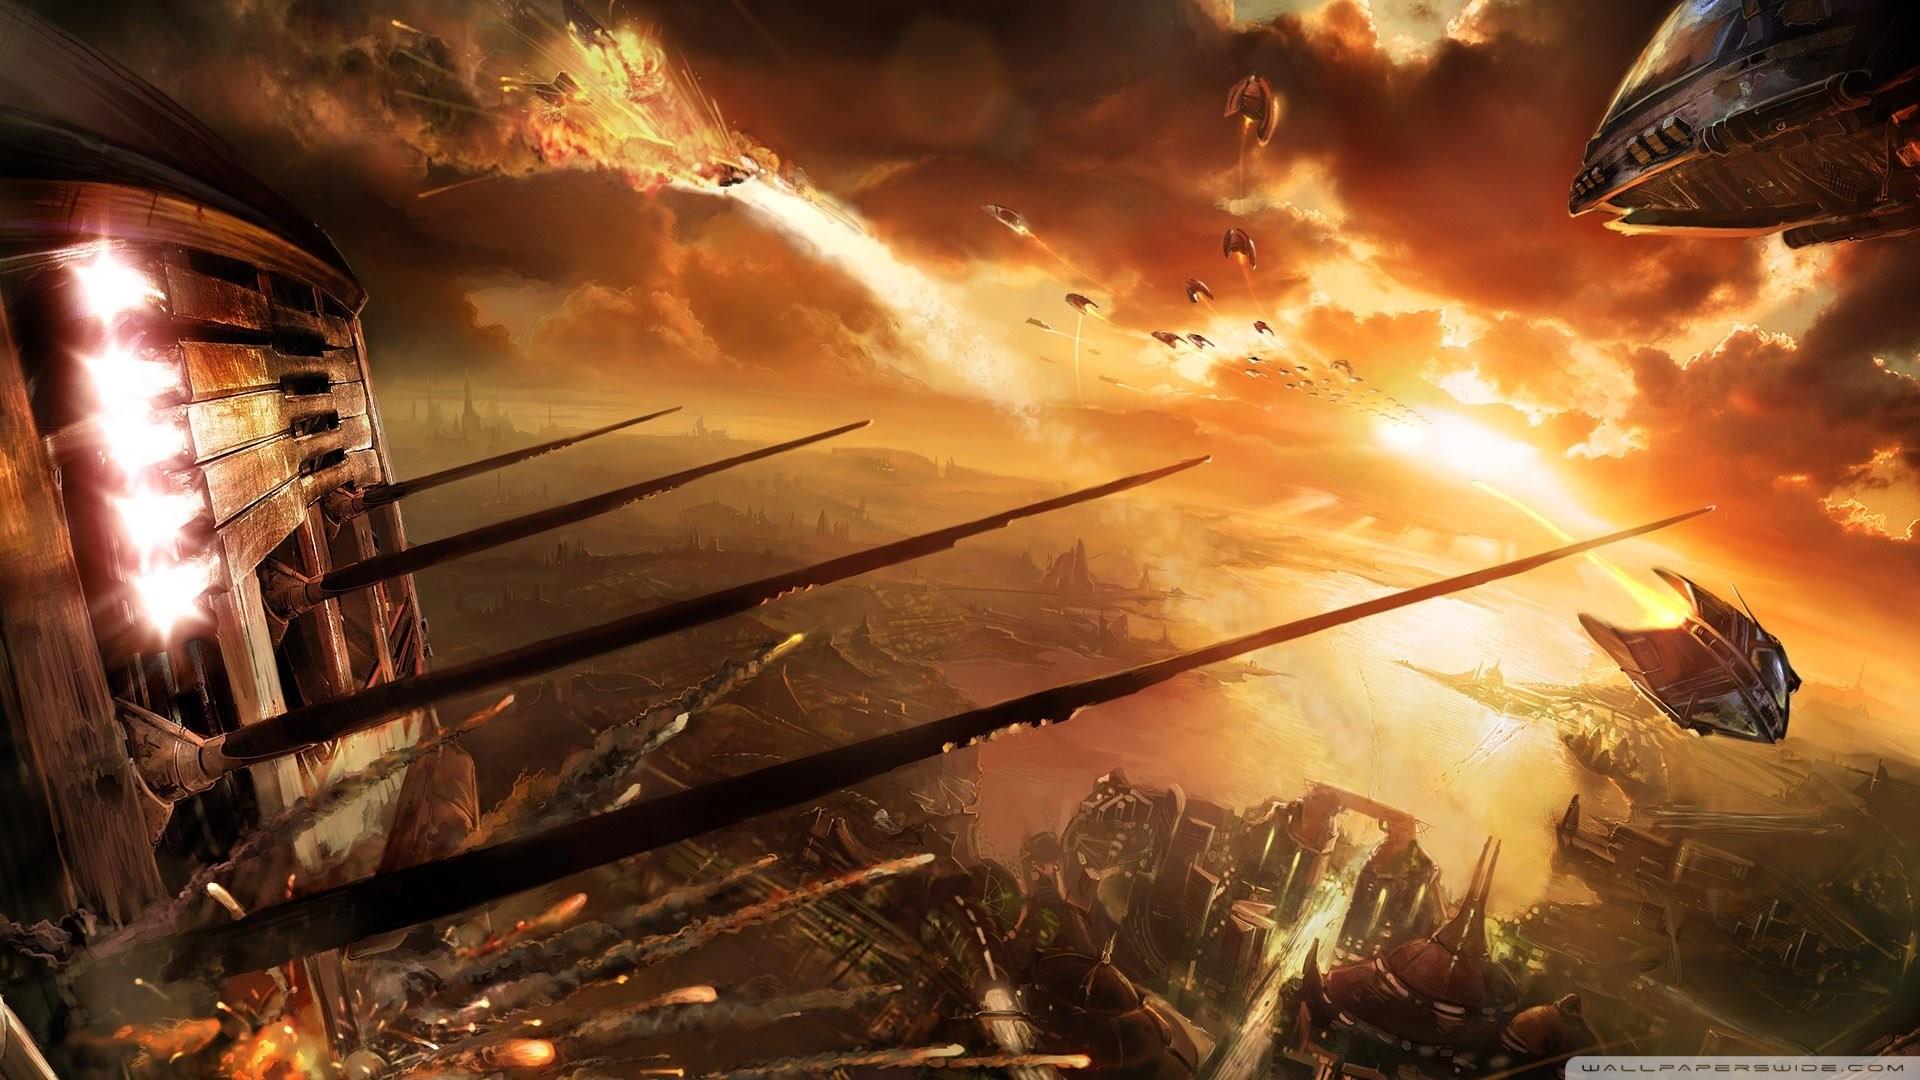 Space Battle HD 889556